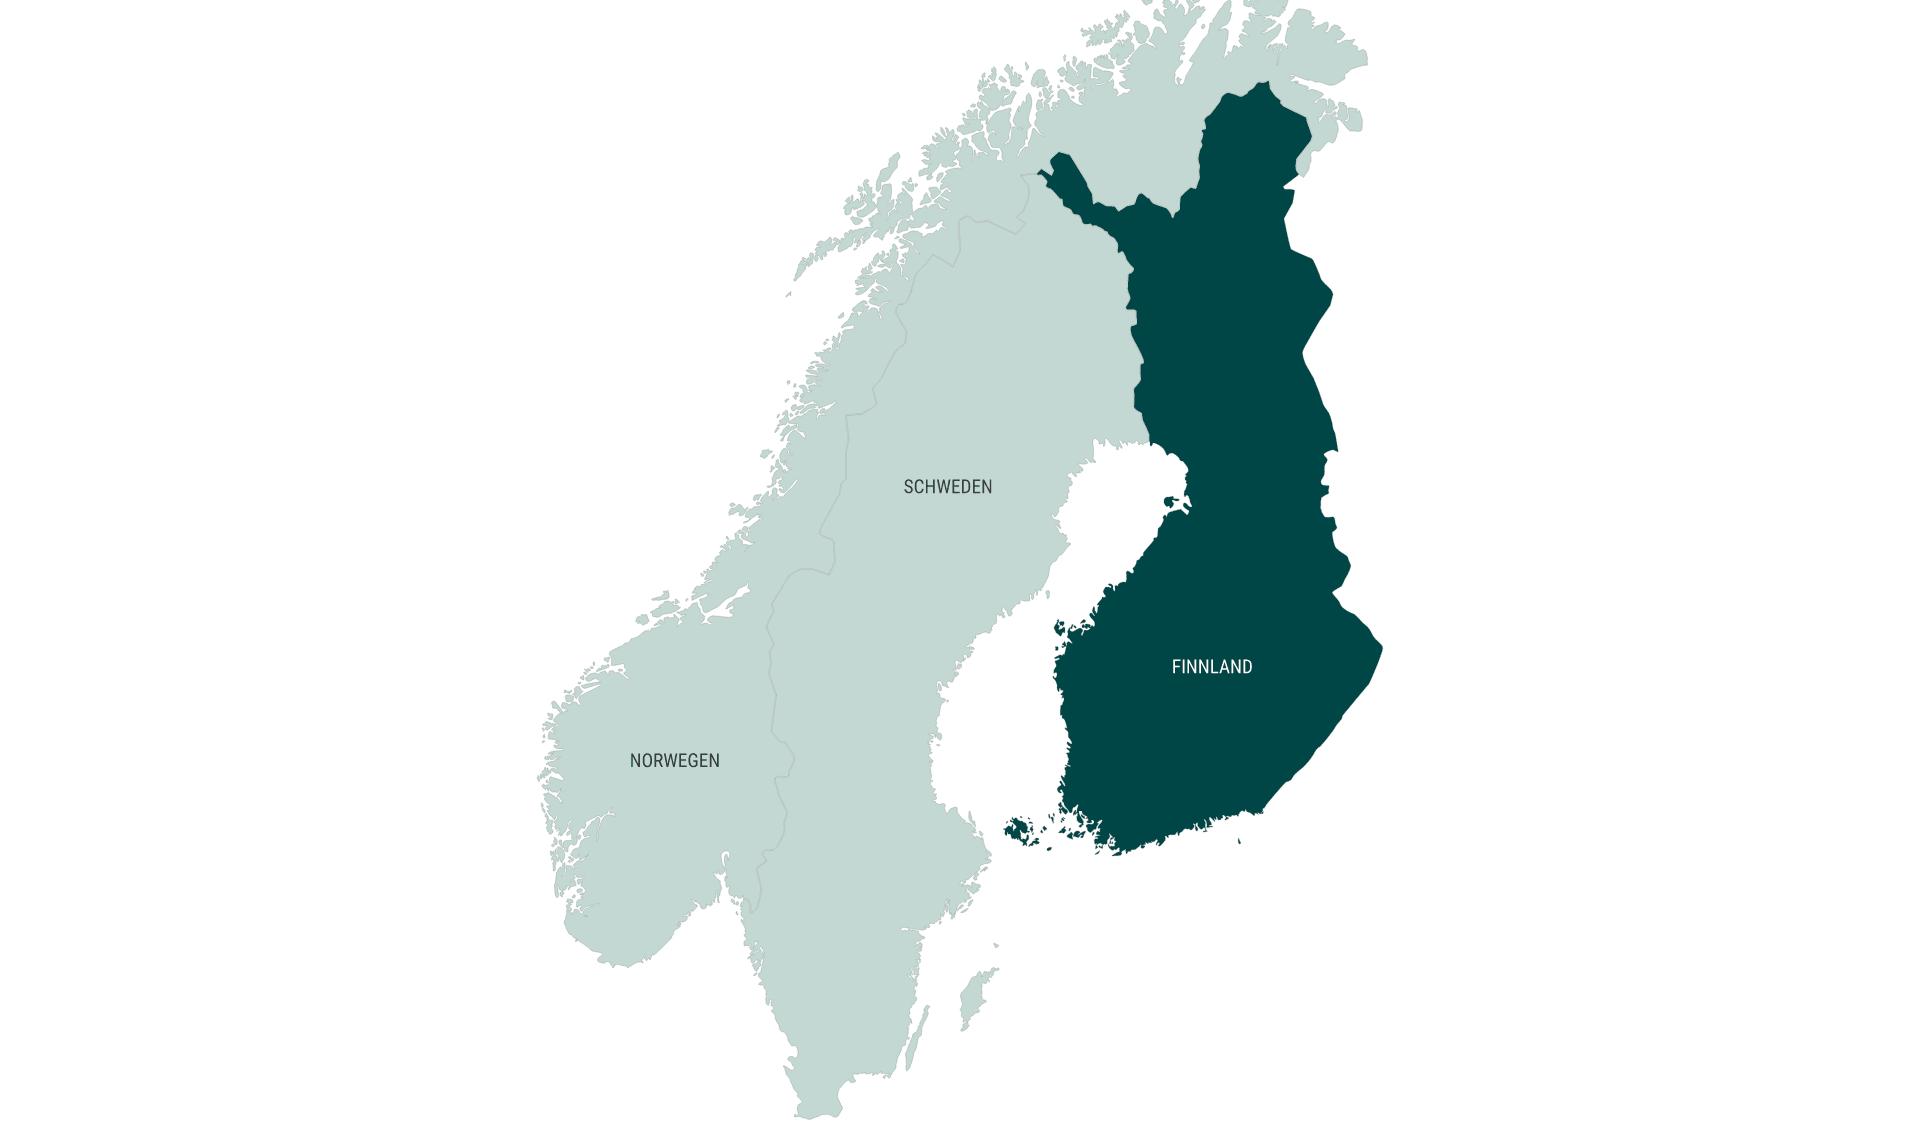 Karte Mietwagenrundreisen länderübergreifend Finnland